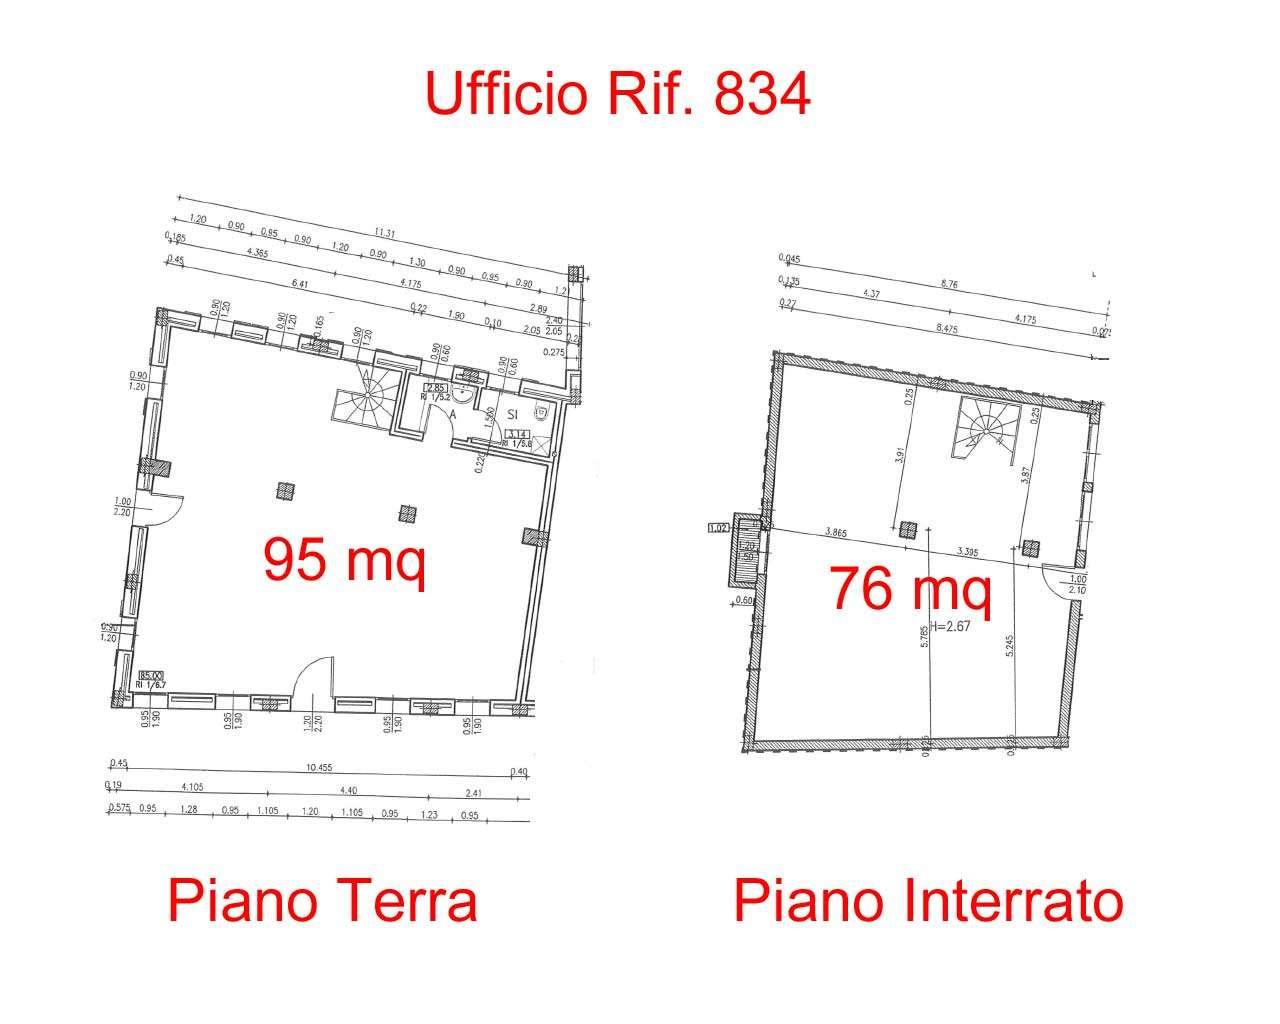 Negozio Montebelluna 834